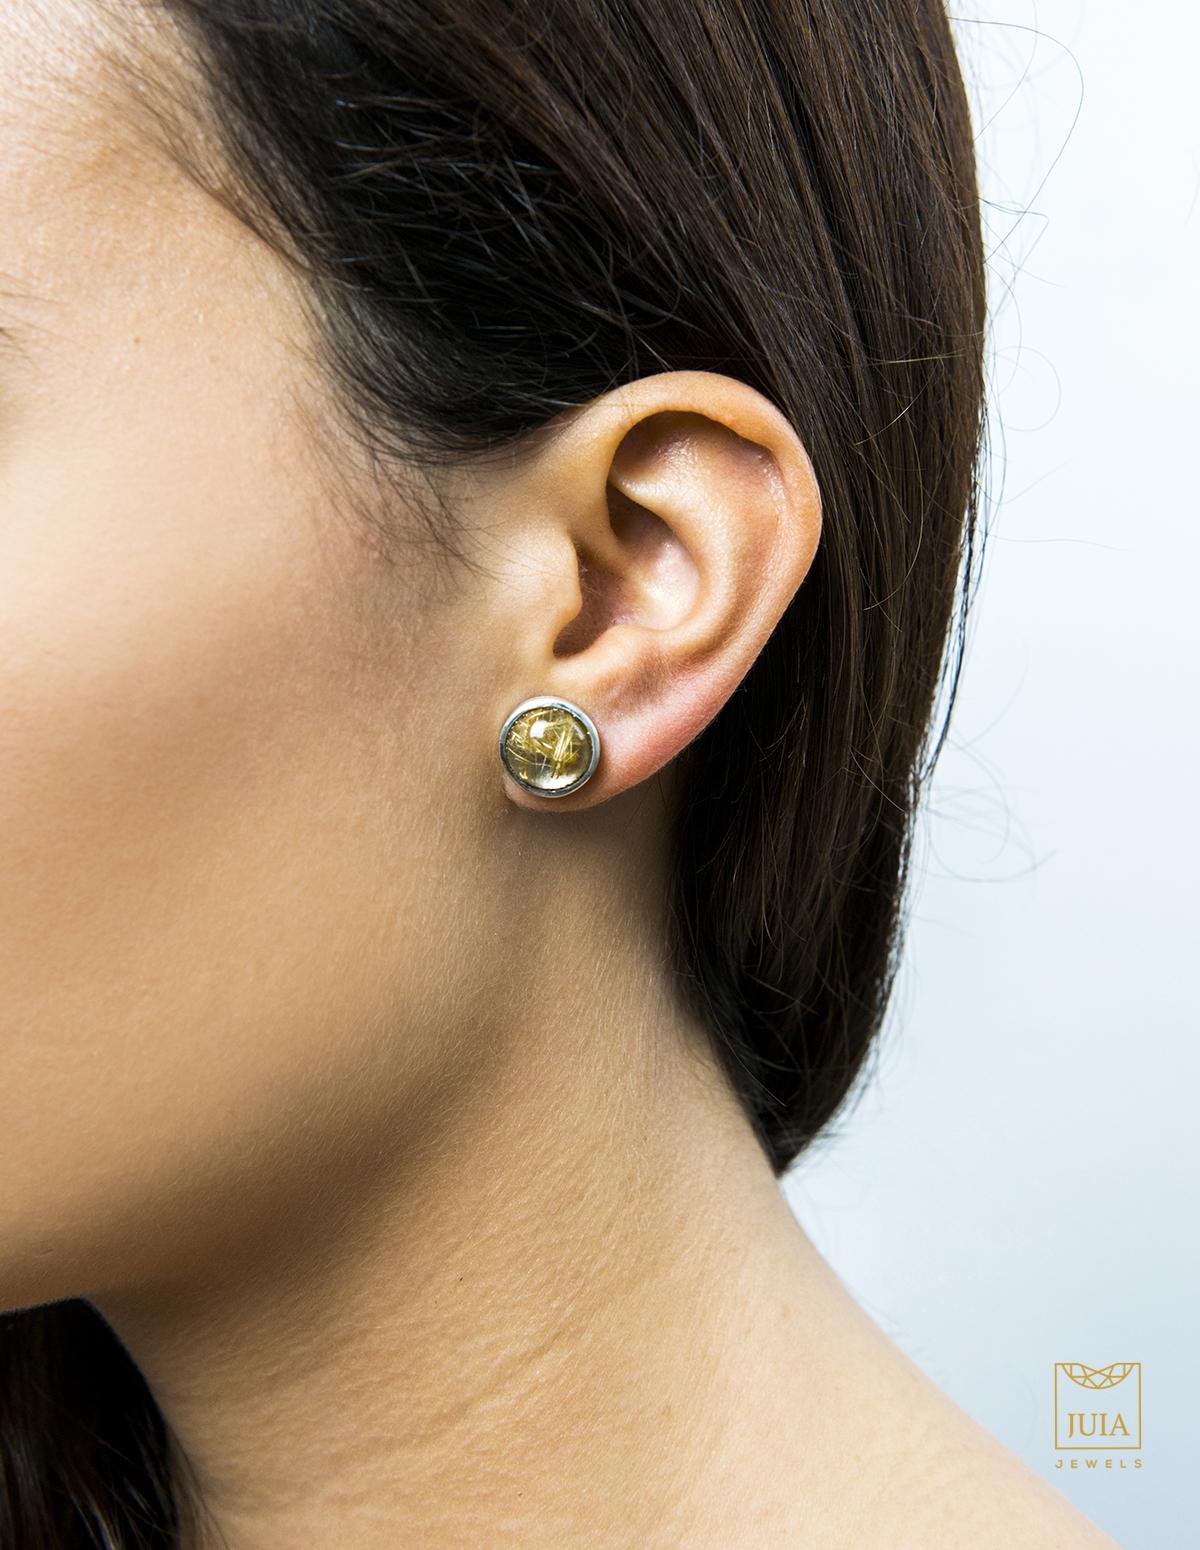 pendientes de plata y oro con cuarzos para mujer, juia jewels barcelona, comprar pendientes de botón de plata, joyeria etica, fairmined, joyasmarket